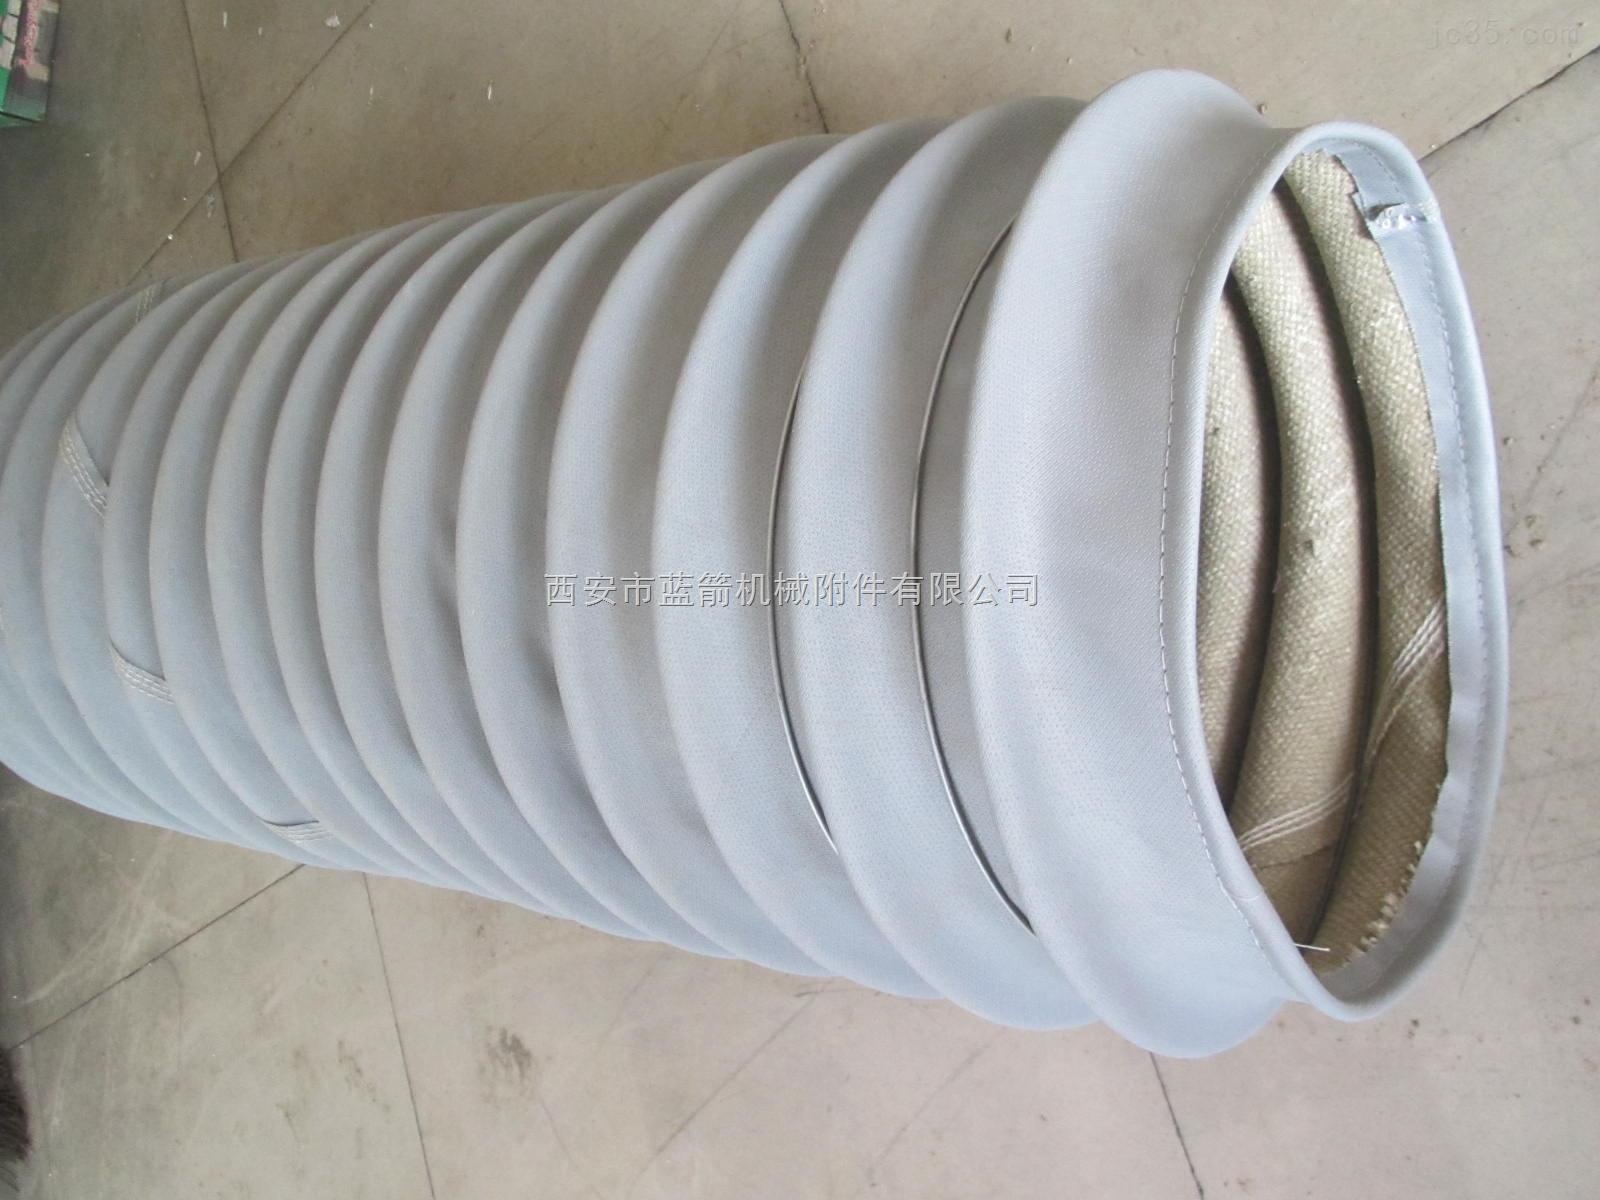 圆筒式橡胶丝杠护罩